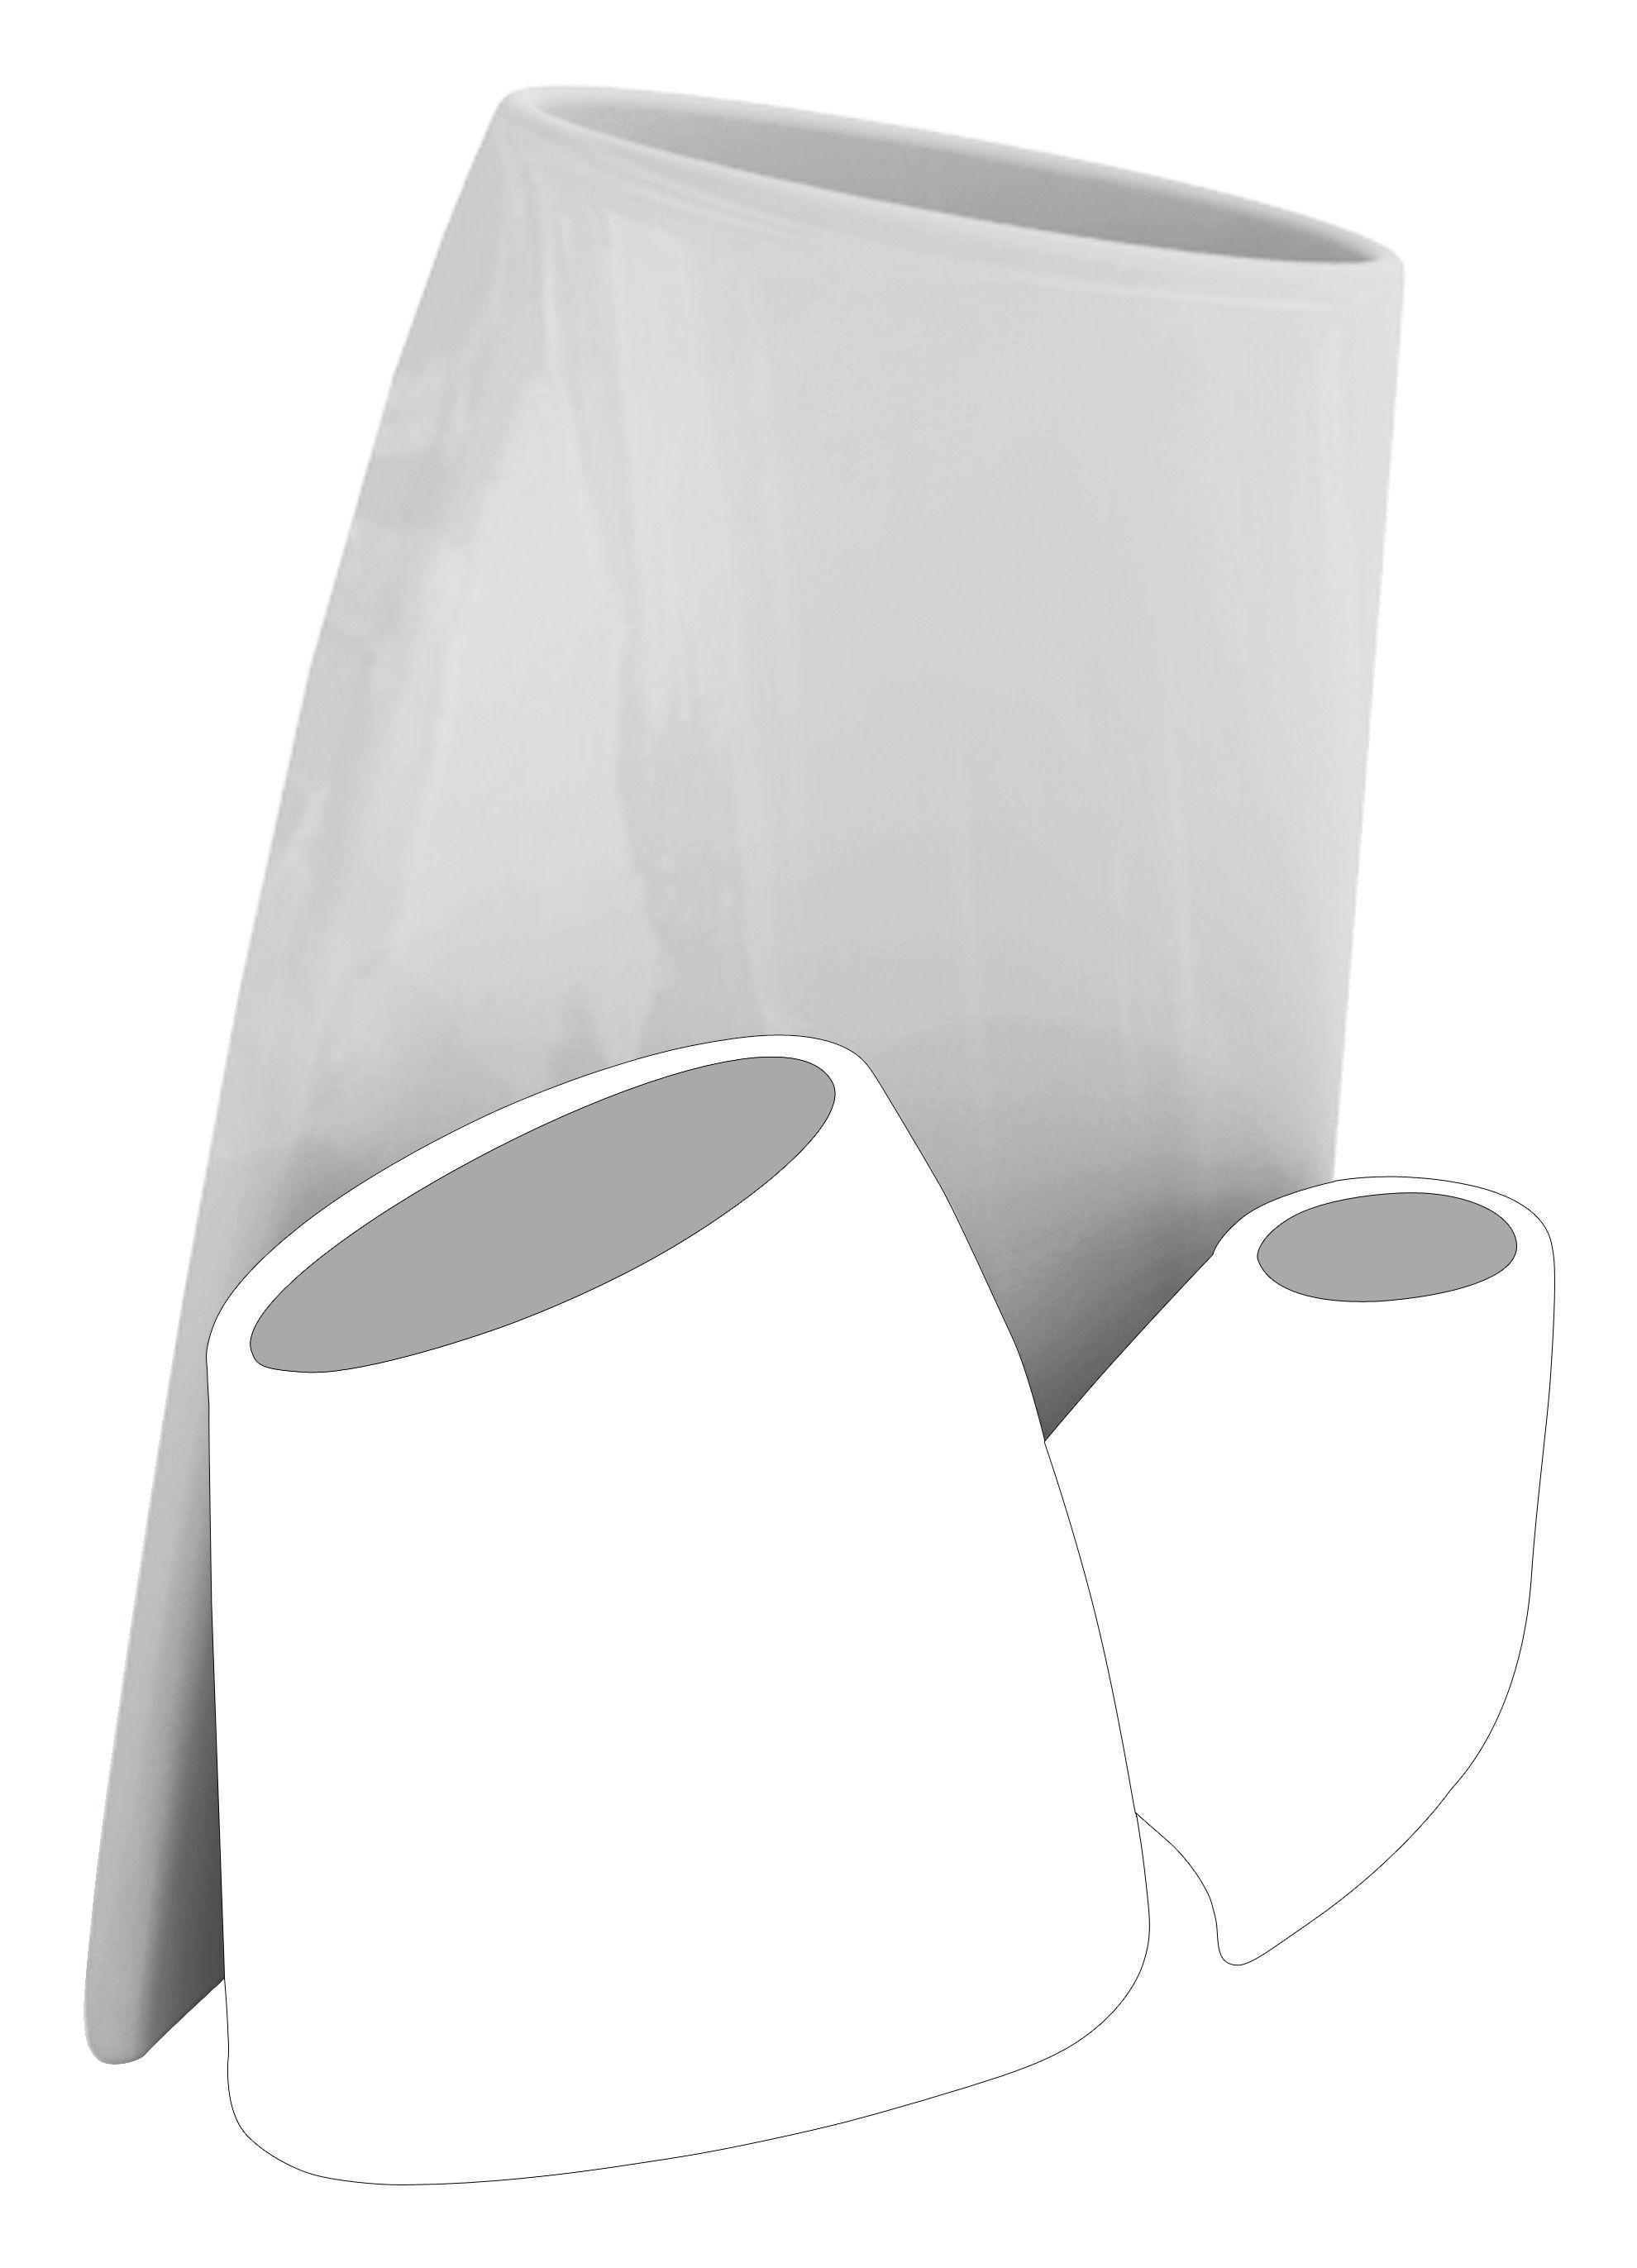 Outdoor - Vasi e Piante - Vaso per fiori Tao L - A 90 cm - Versione laccata di MyYour - Grigio chiaro laccato - Polietilene laccato